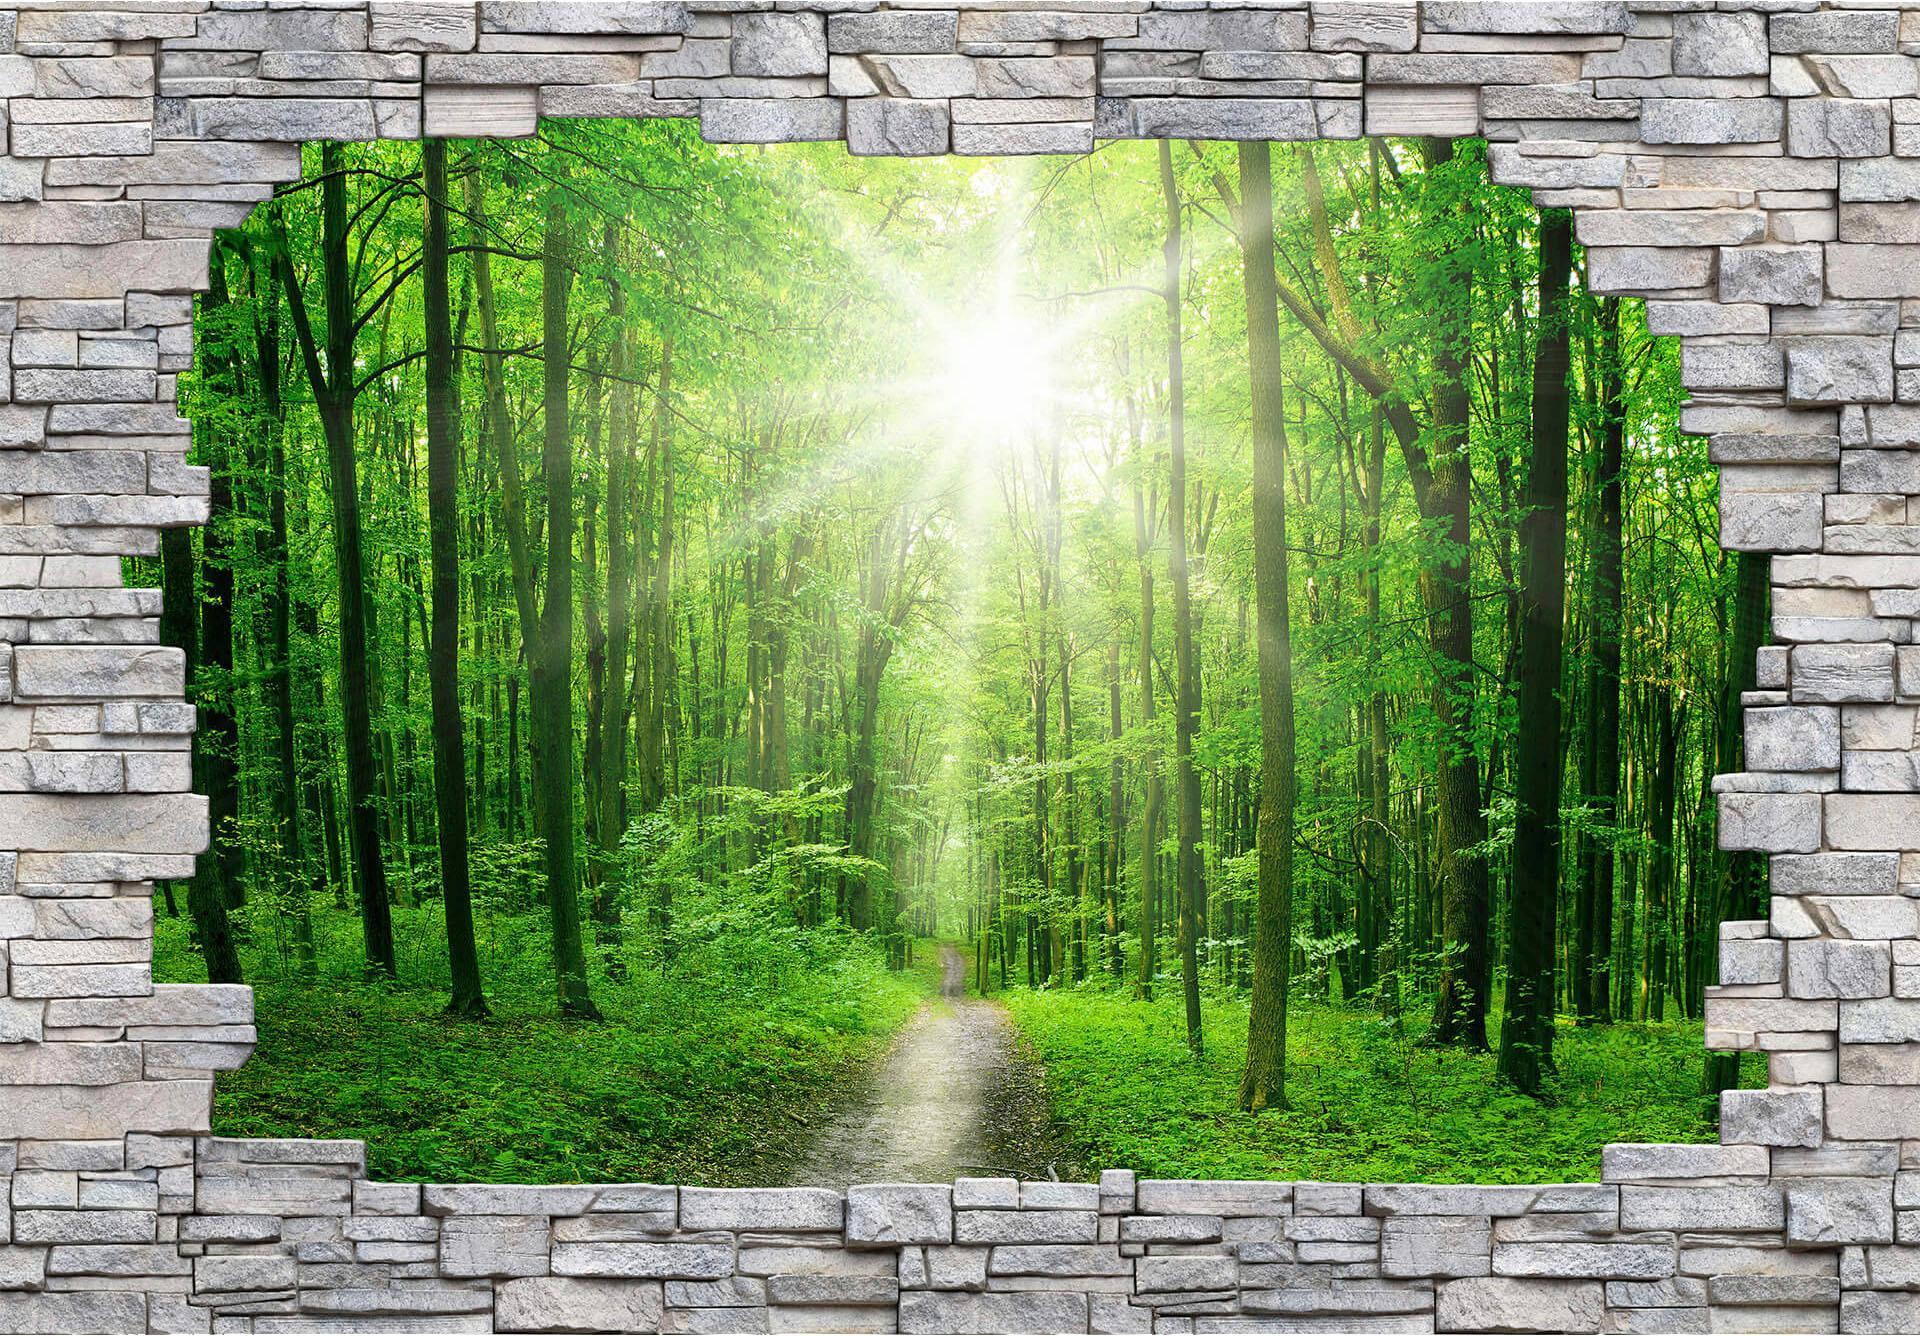 Fototapete 3D Sunny Forest Mauer Technik & Freizeit/Heimwerken & Garten/Bauen & Renovieren/Tapeten/Fototapeten/Fototapeten Natur